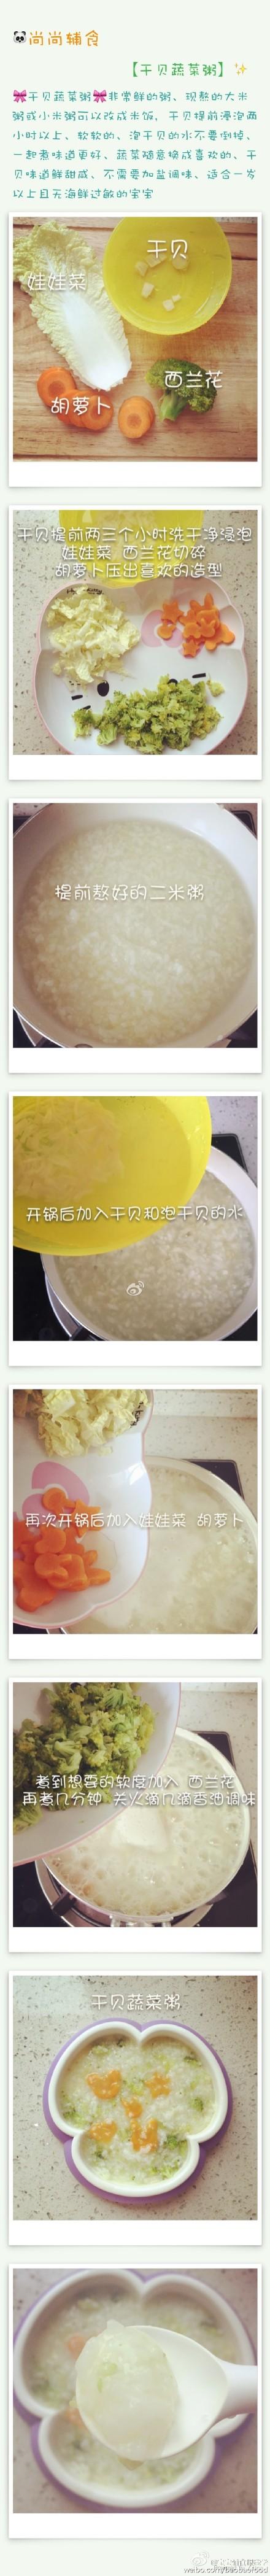 干贝蔬菜粥适合1岁以上的宝宝,非常鲜的粥、现熬的大米粥或小米粥可以改成米饭,干贝提前浸泡两小时以上、泡干贝的水不要倒掉、一起煮味道更好、蔬菜随意换成喜欢的、干贝味道